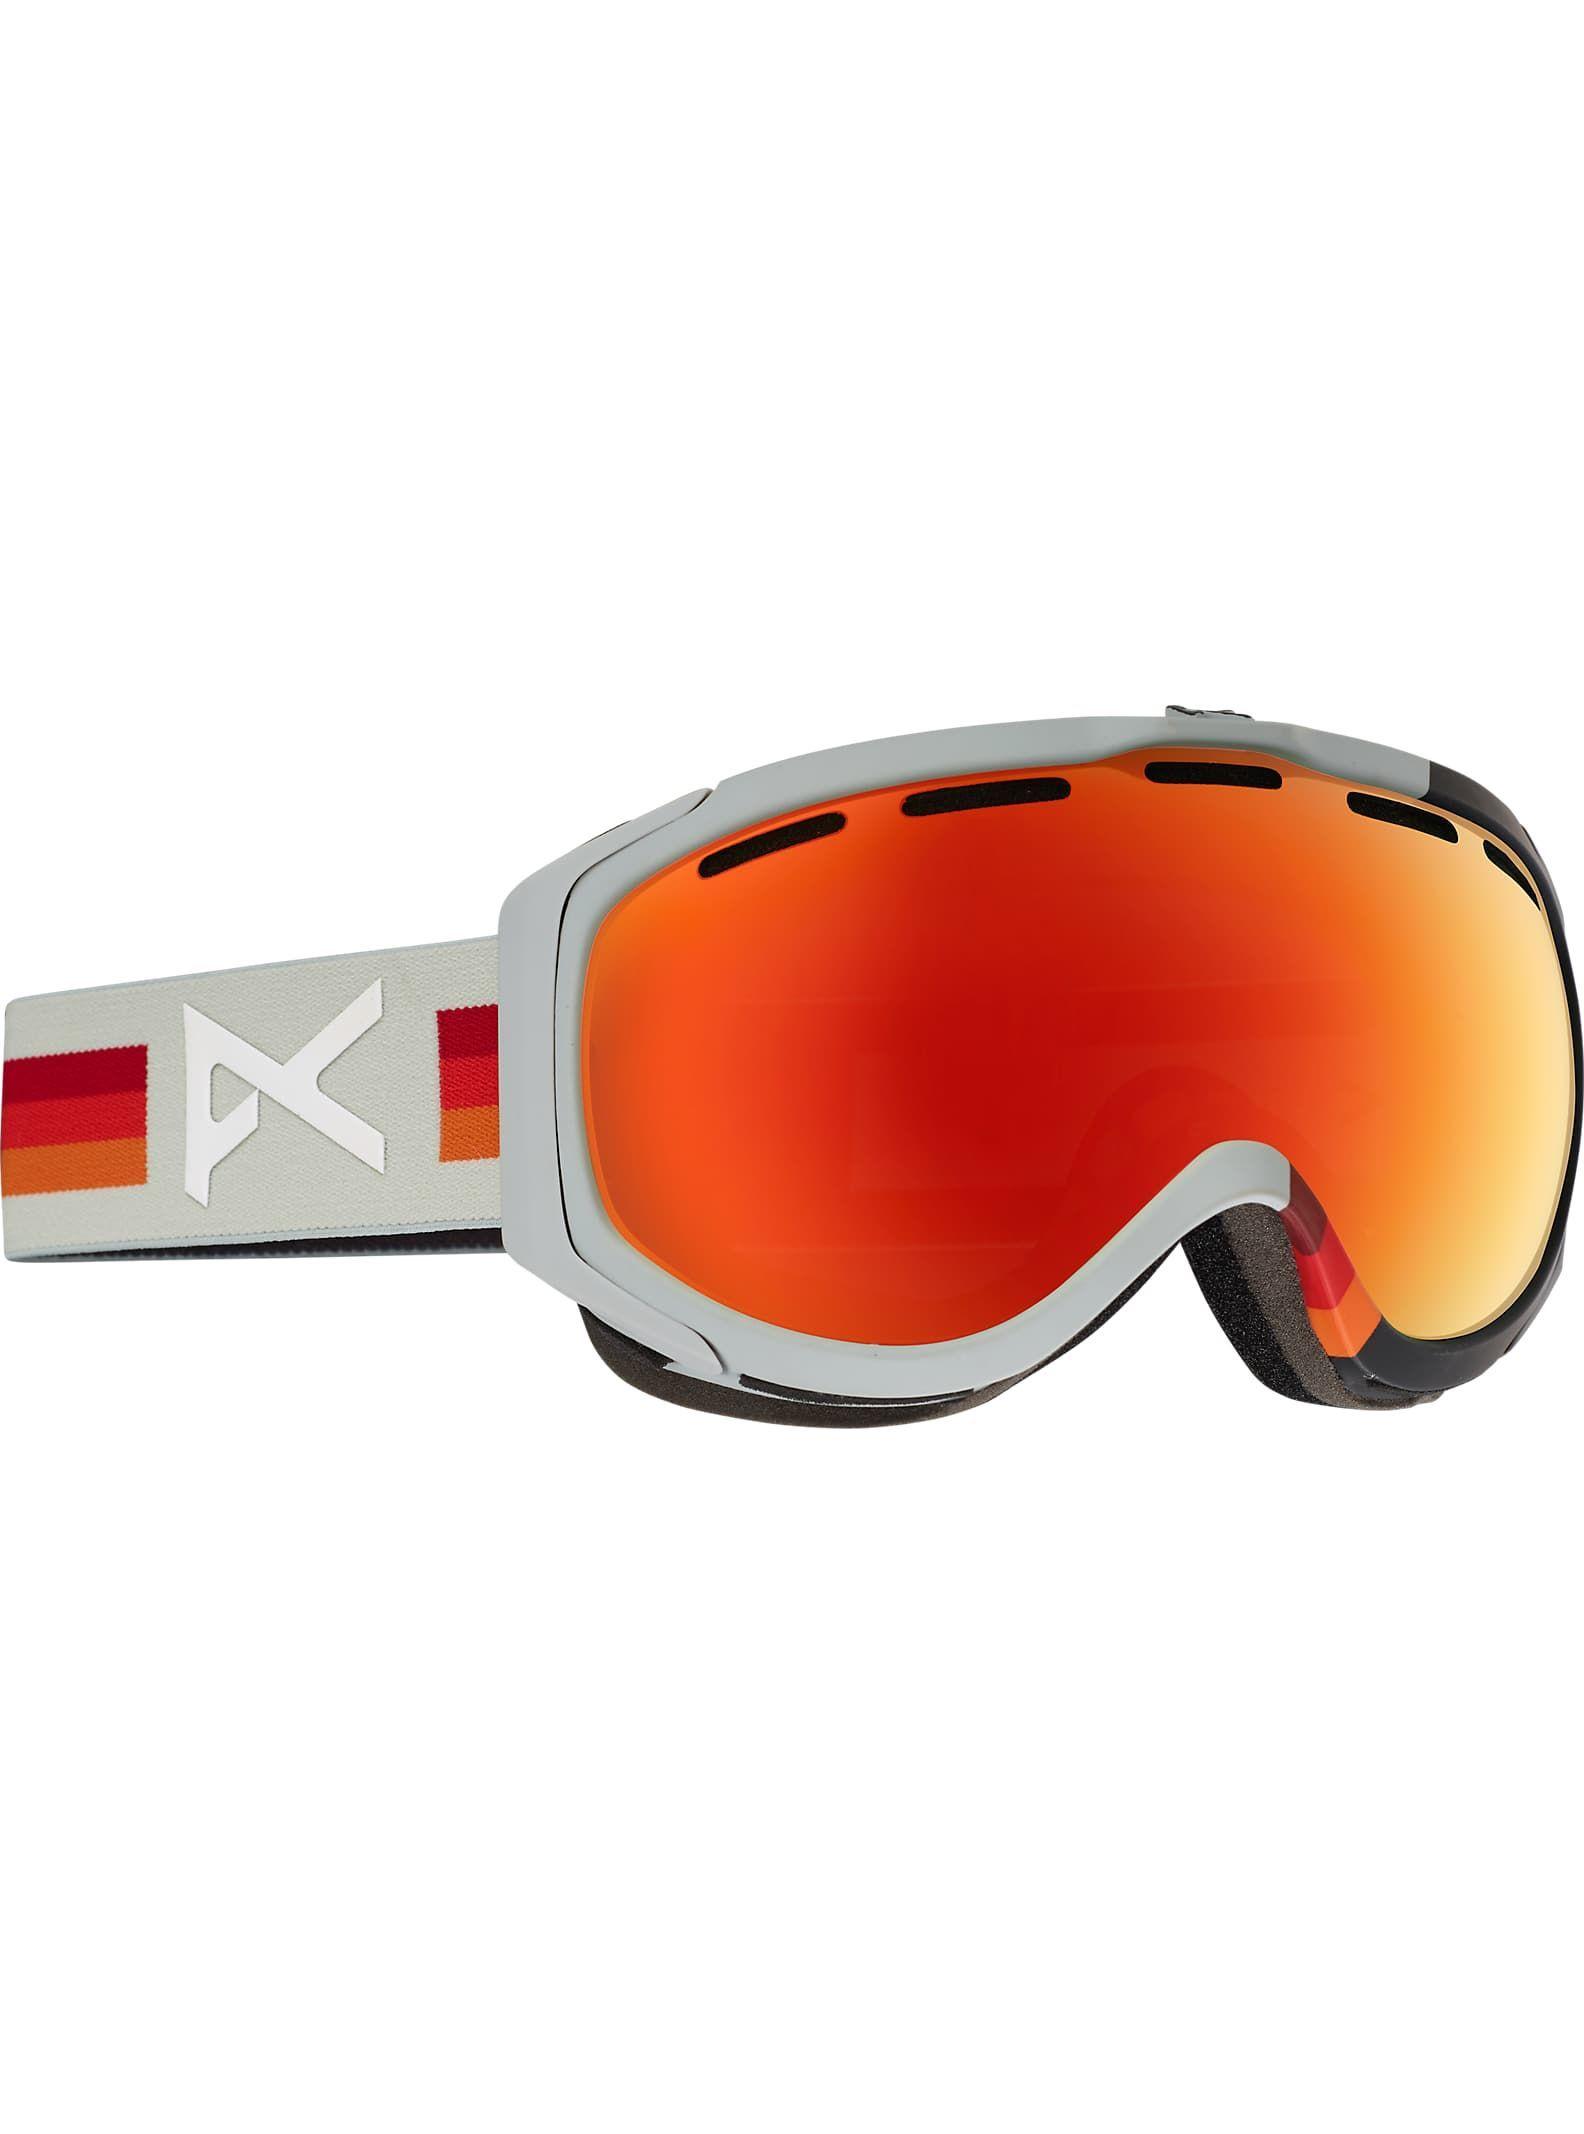 3f9633126a2f Oakley O2 XM Snow Goggles - Women s